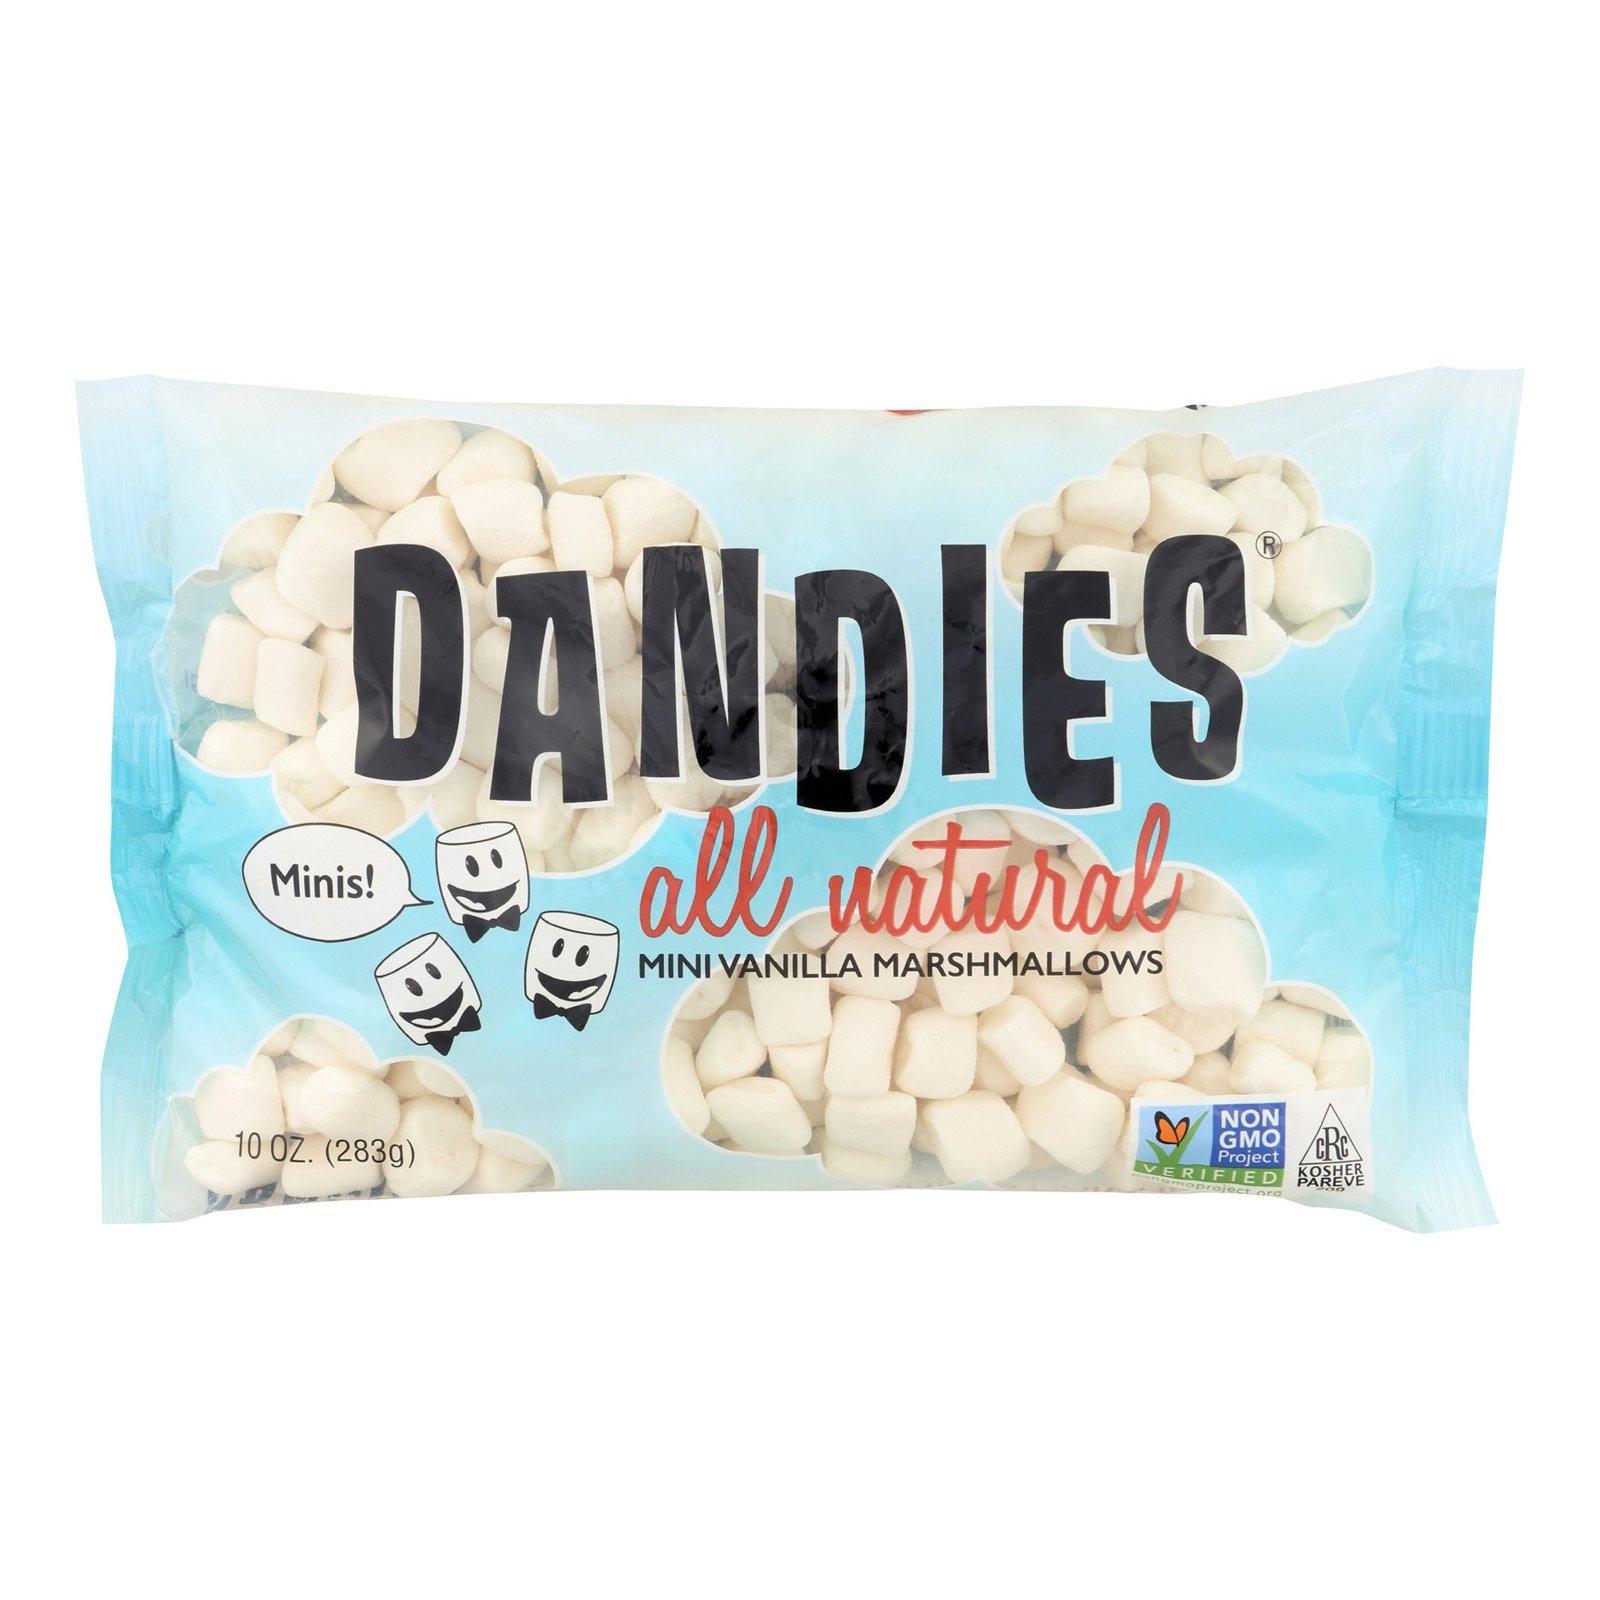 Dandies Vanilla Mini Marshmallow, 10 Ounce - 12 per case.